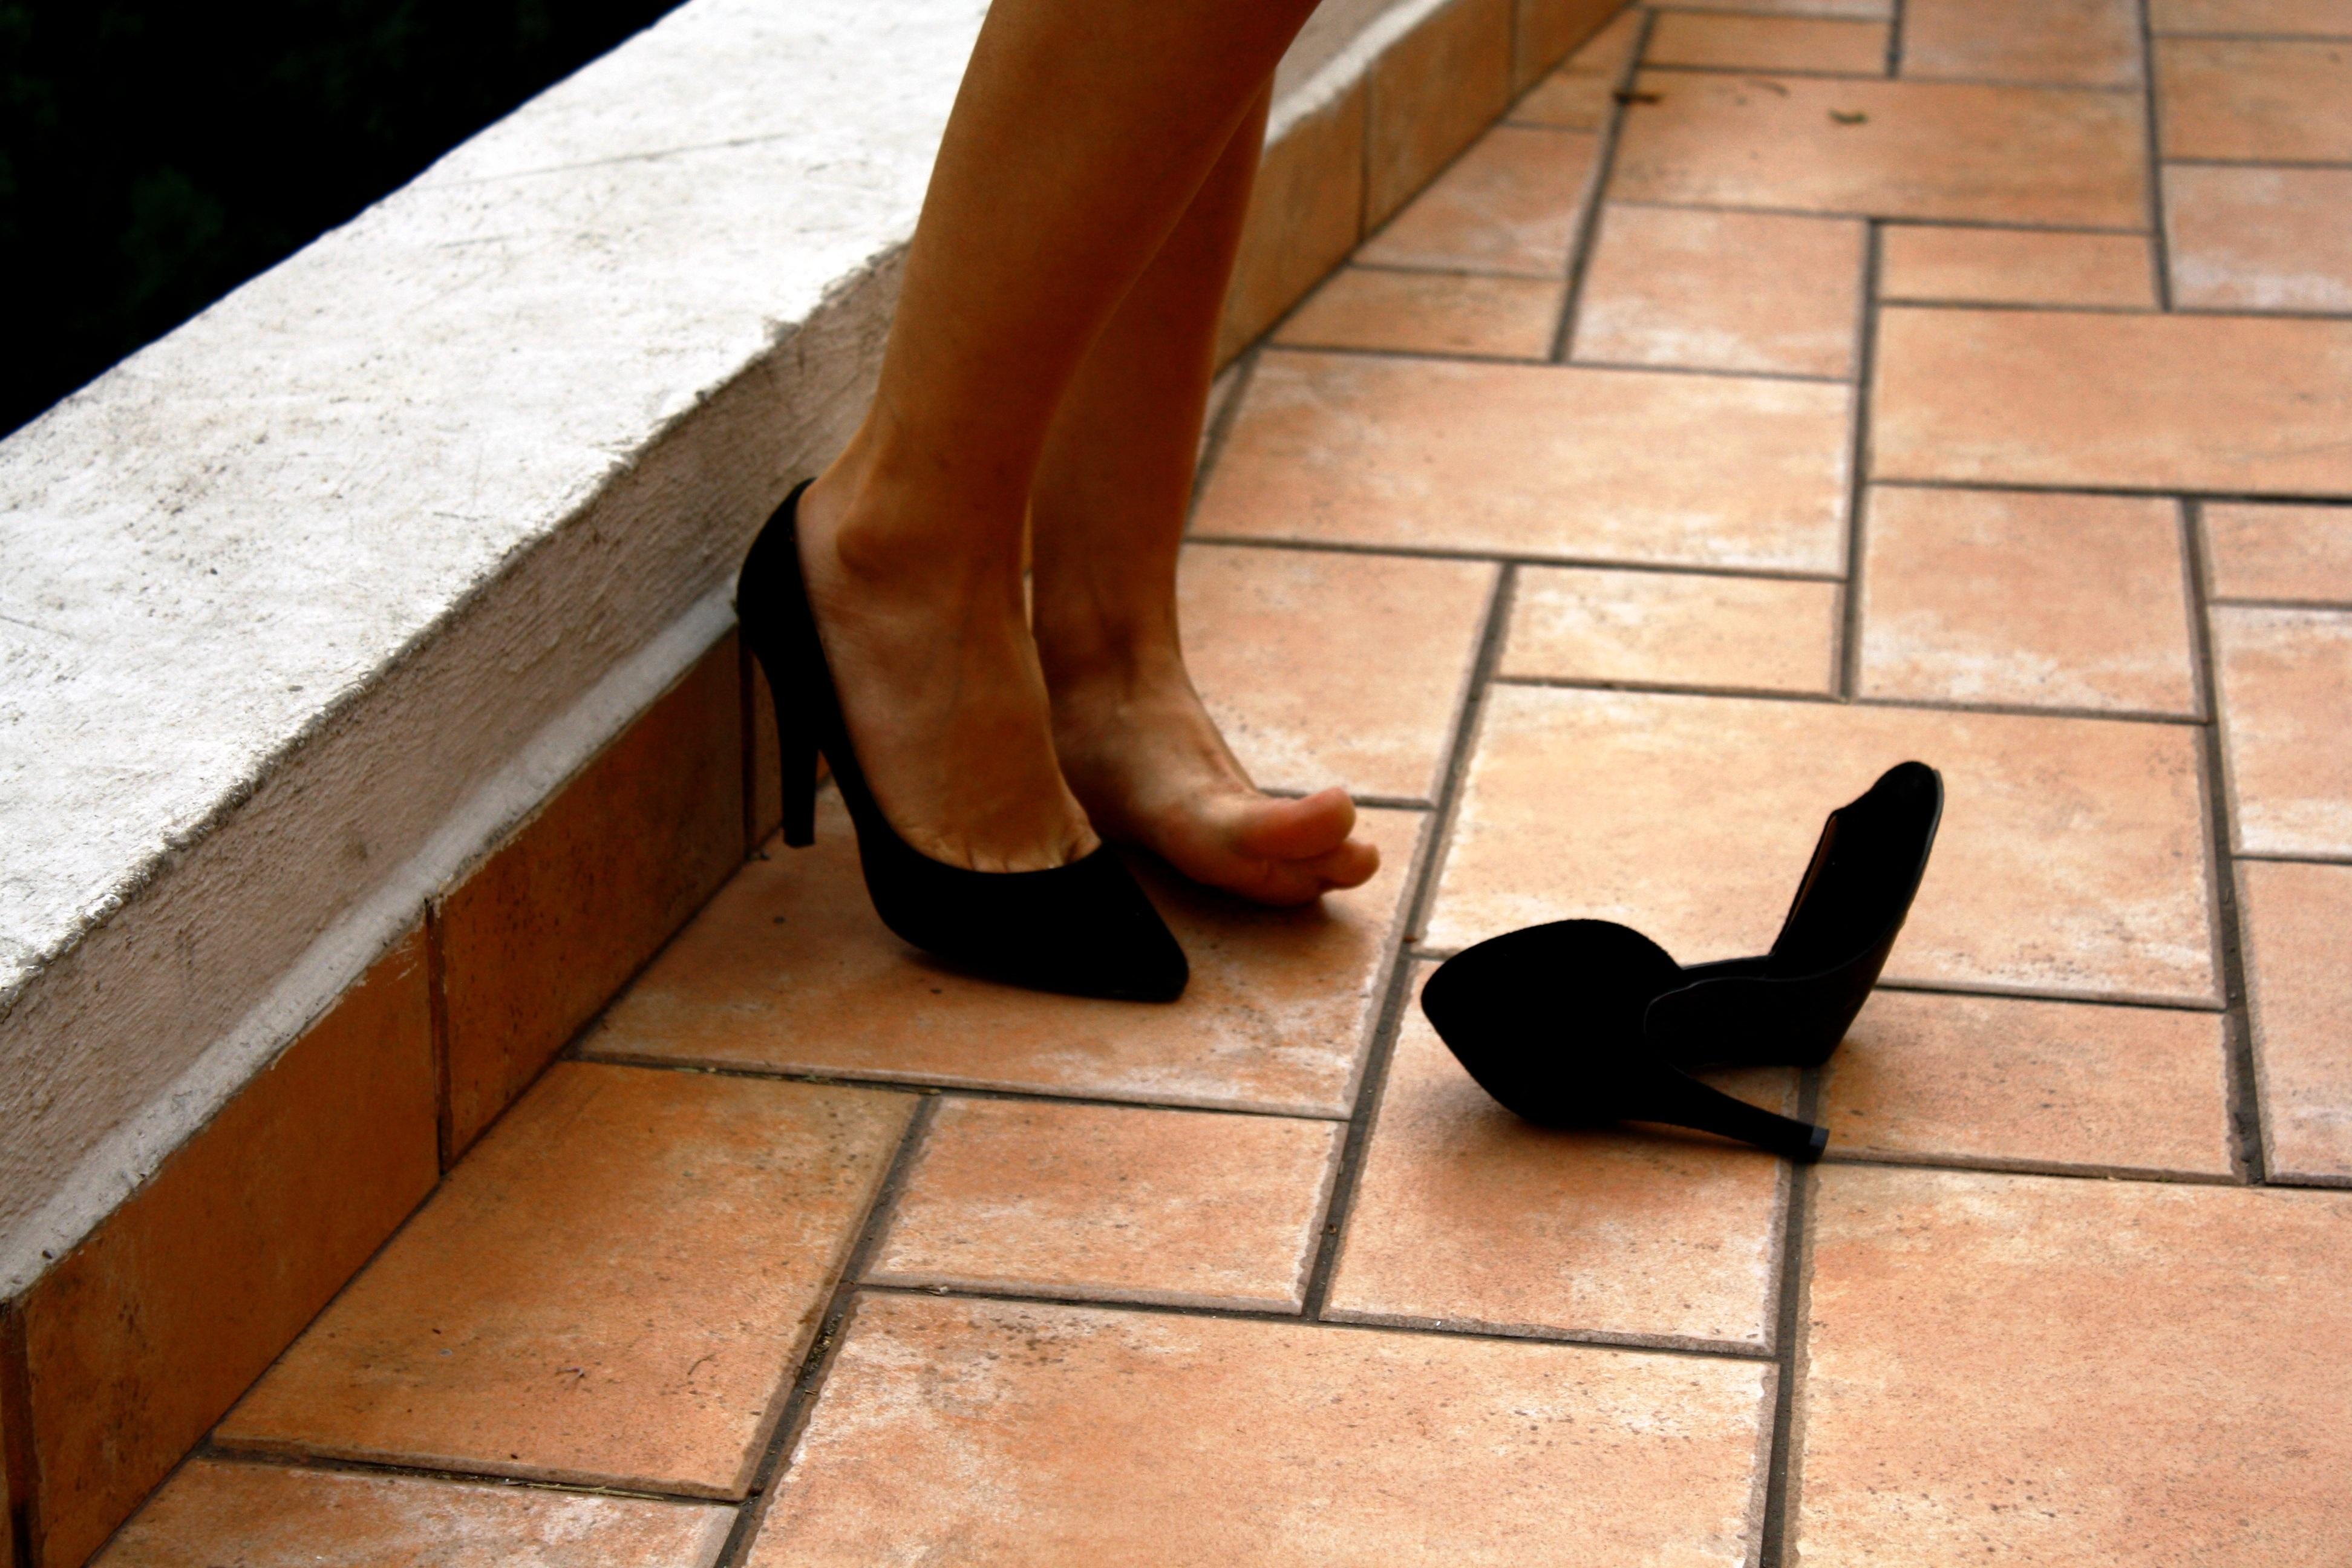 Fotos Gratis Zapato Piso Pierna Pie Azulejo Negro Mueble  # Muebles Piel Humana